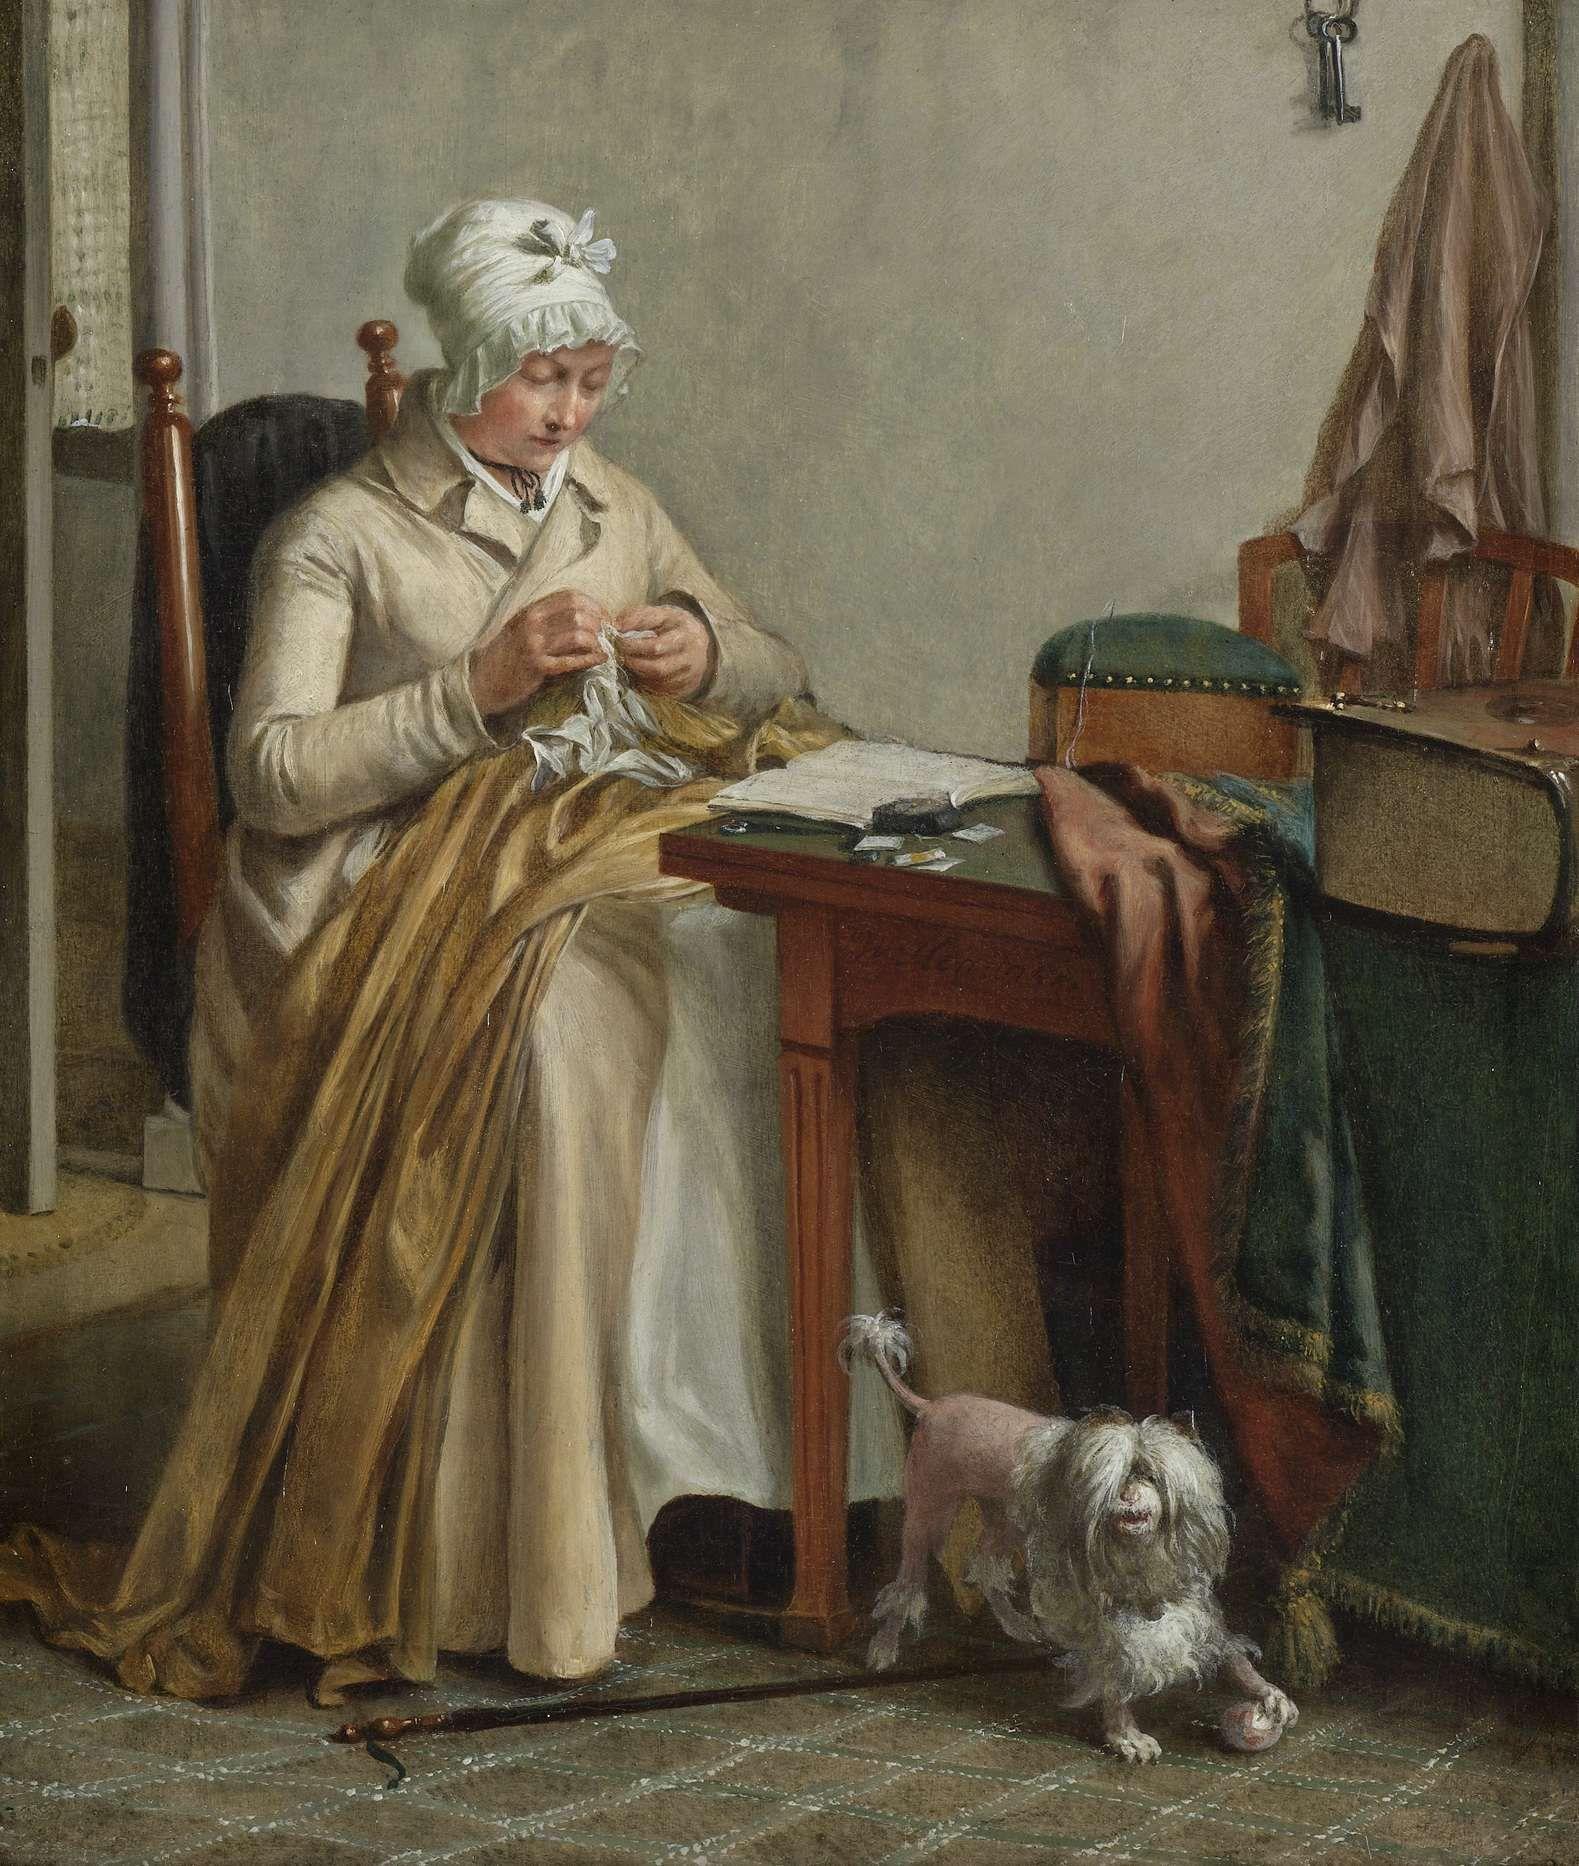 Interieur met naaiende vrouw, Wybrand Hendriks, ca. 1800 - ca. 1810